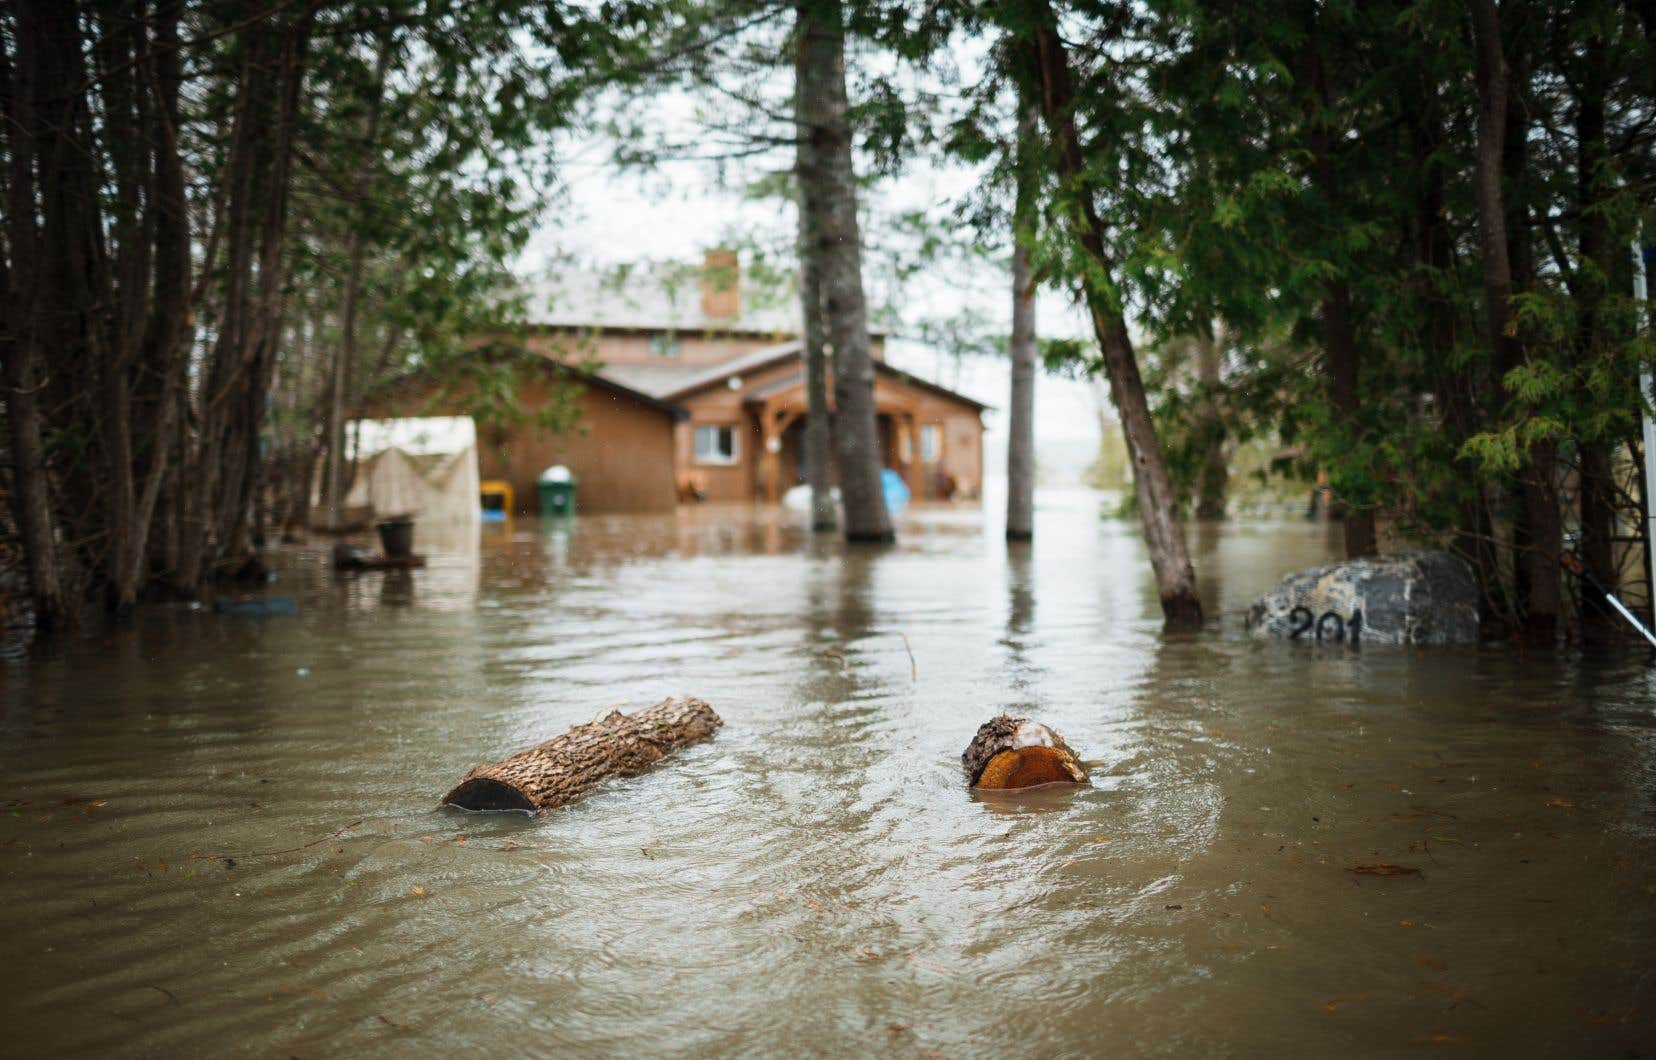 La région de l'Outaouais continue à souffrir des importantes inondations printanières de cette année.